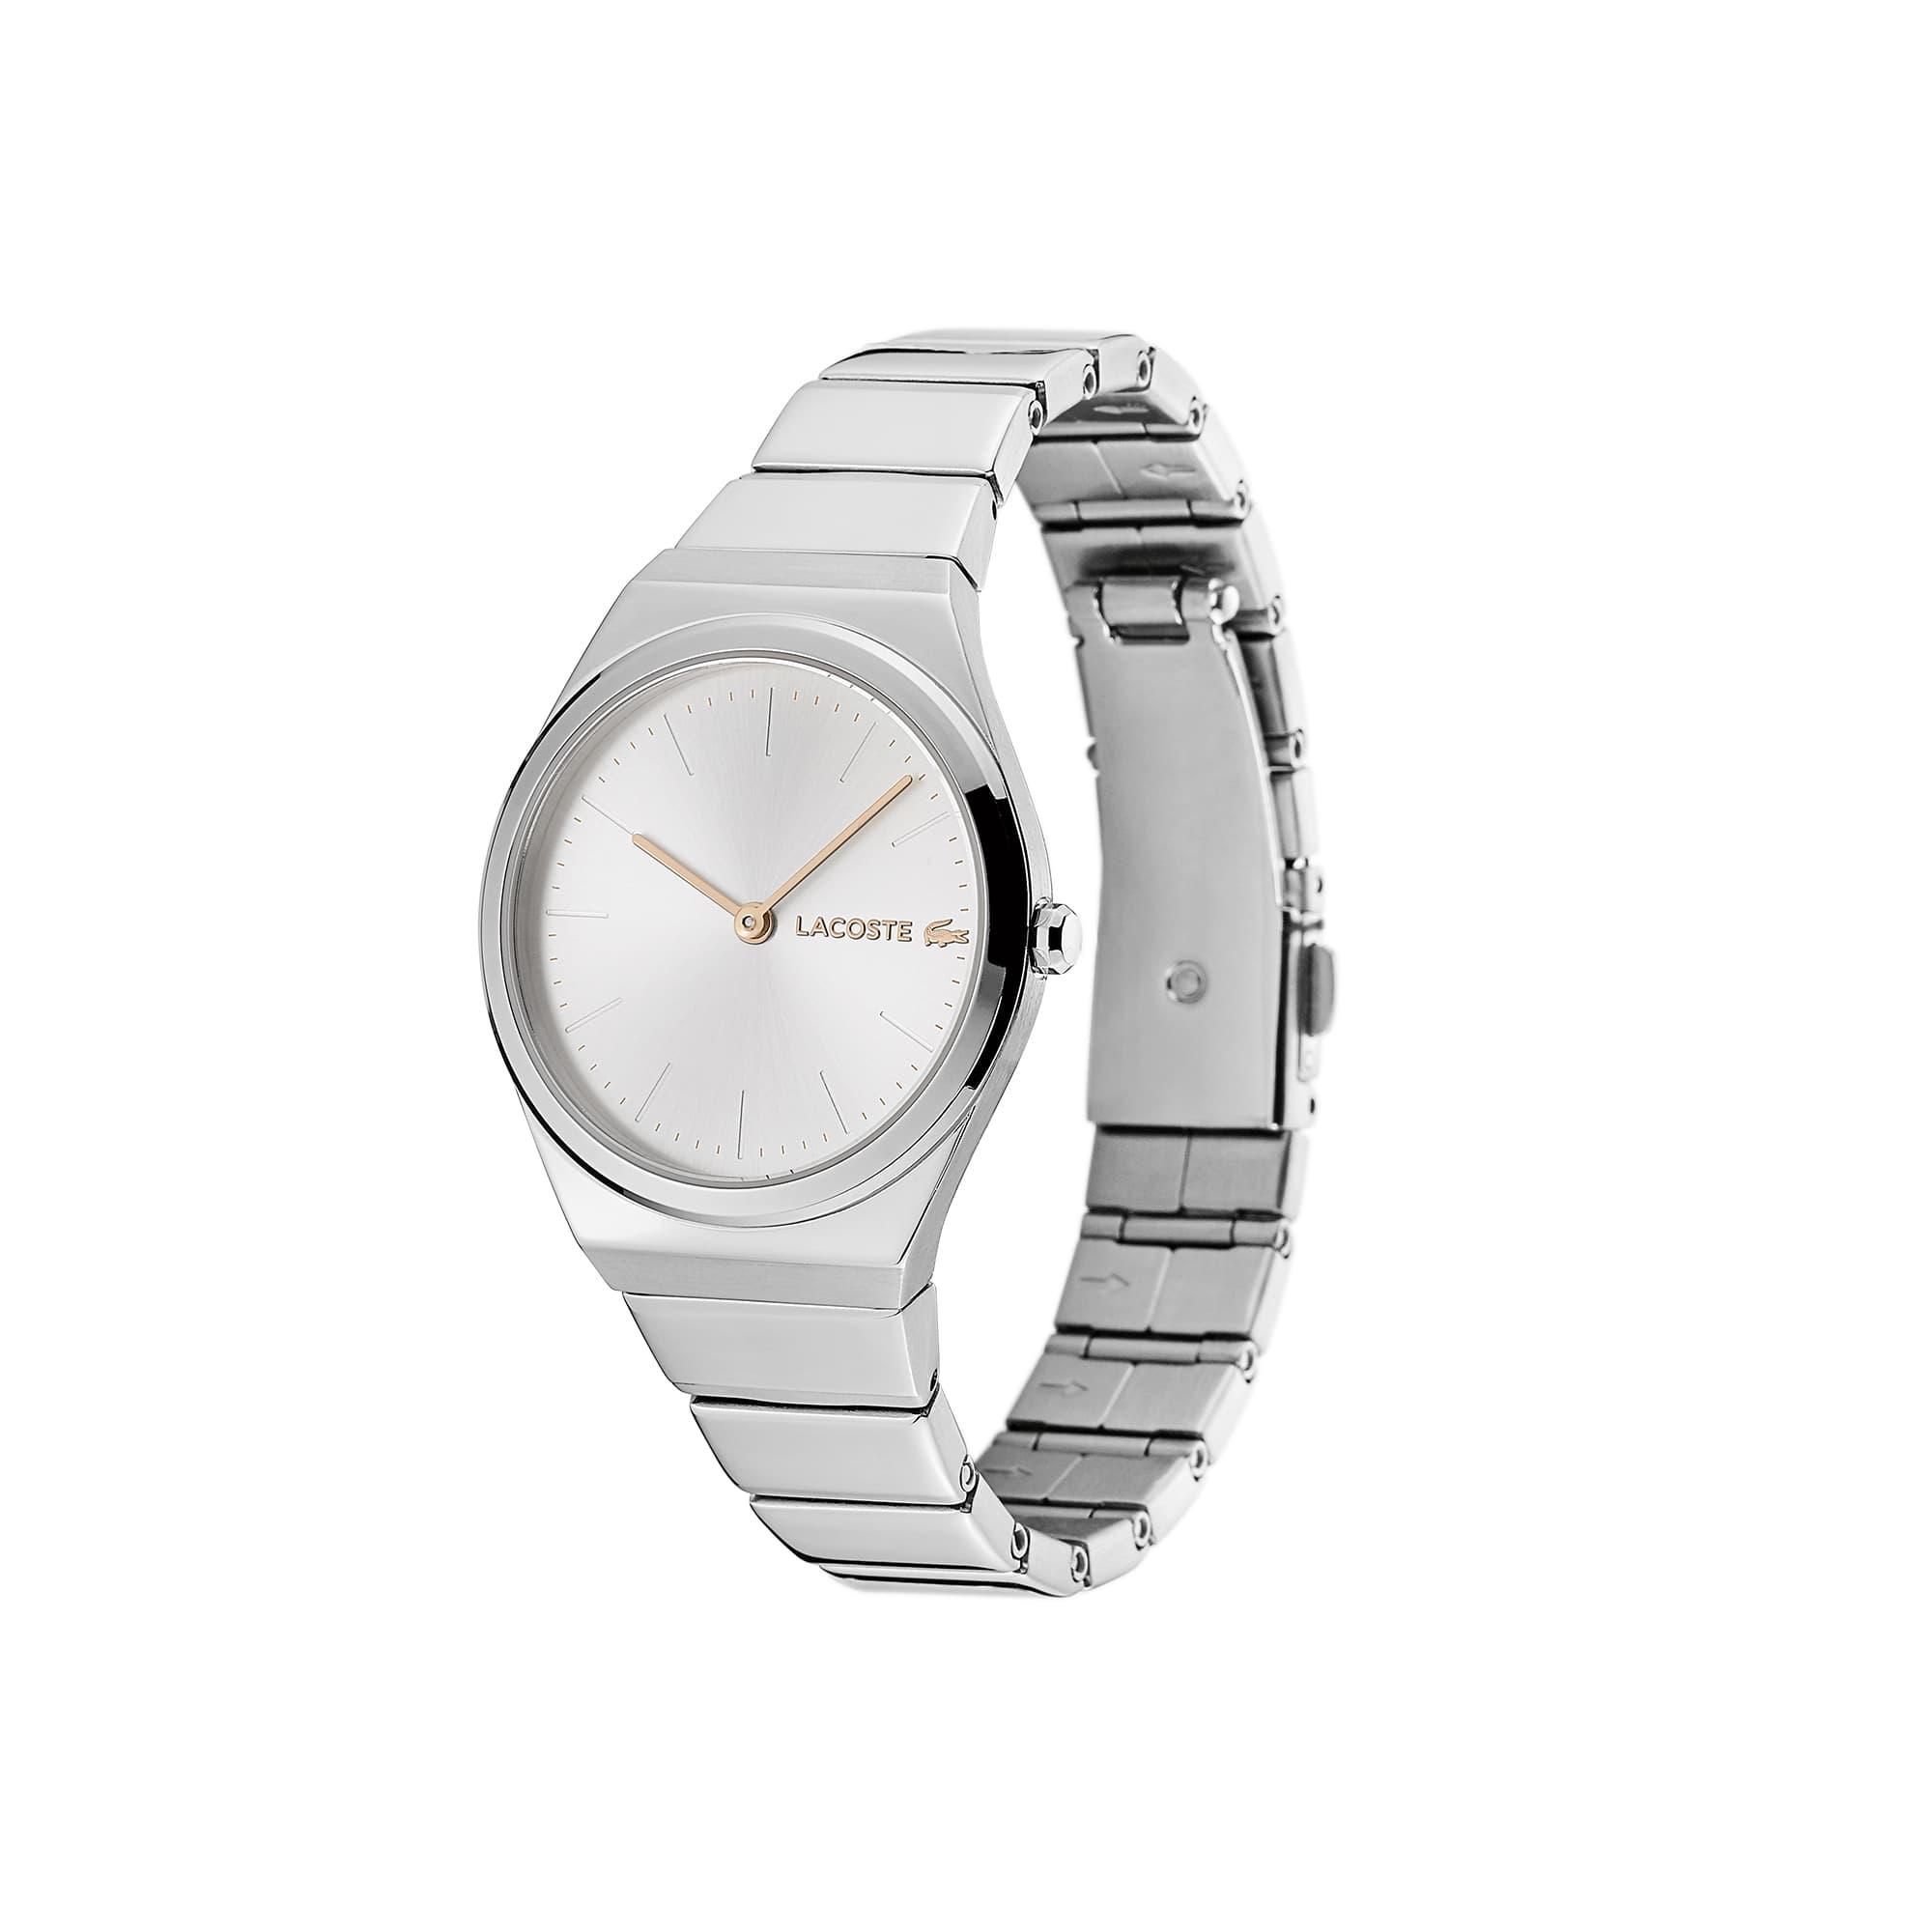 Reloj de Mujer Mia con Pulsera de Acero Inoxidable